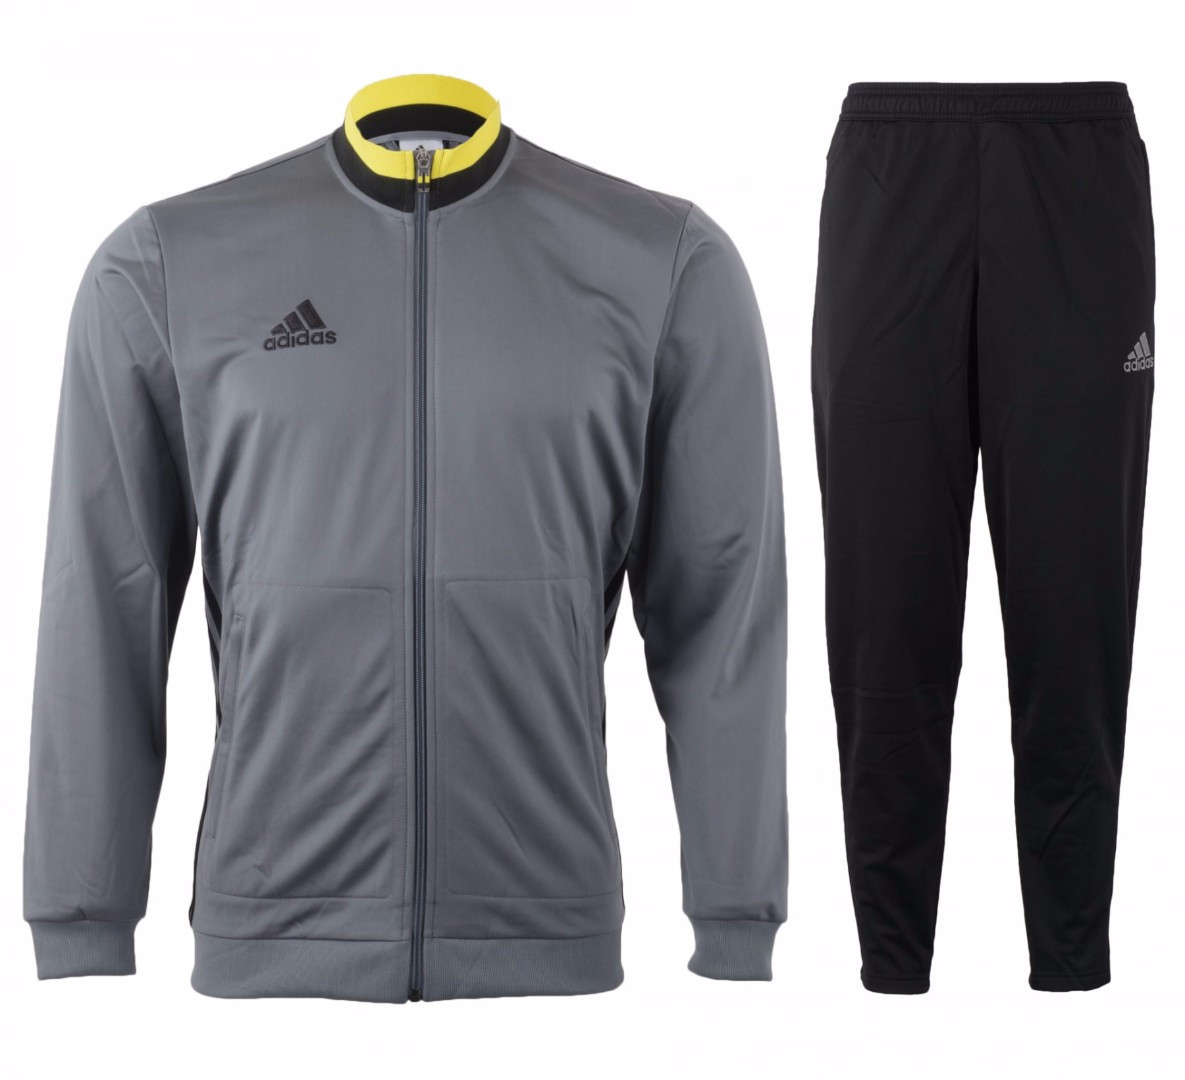 87a98f3bacc7 Спортивный костюм мужской Аdidas Condivo - Sport Active People - Интернет  Магазин Спортивной Одежды и Обуви